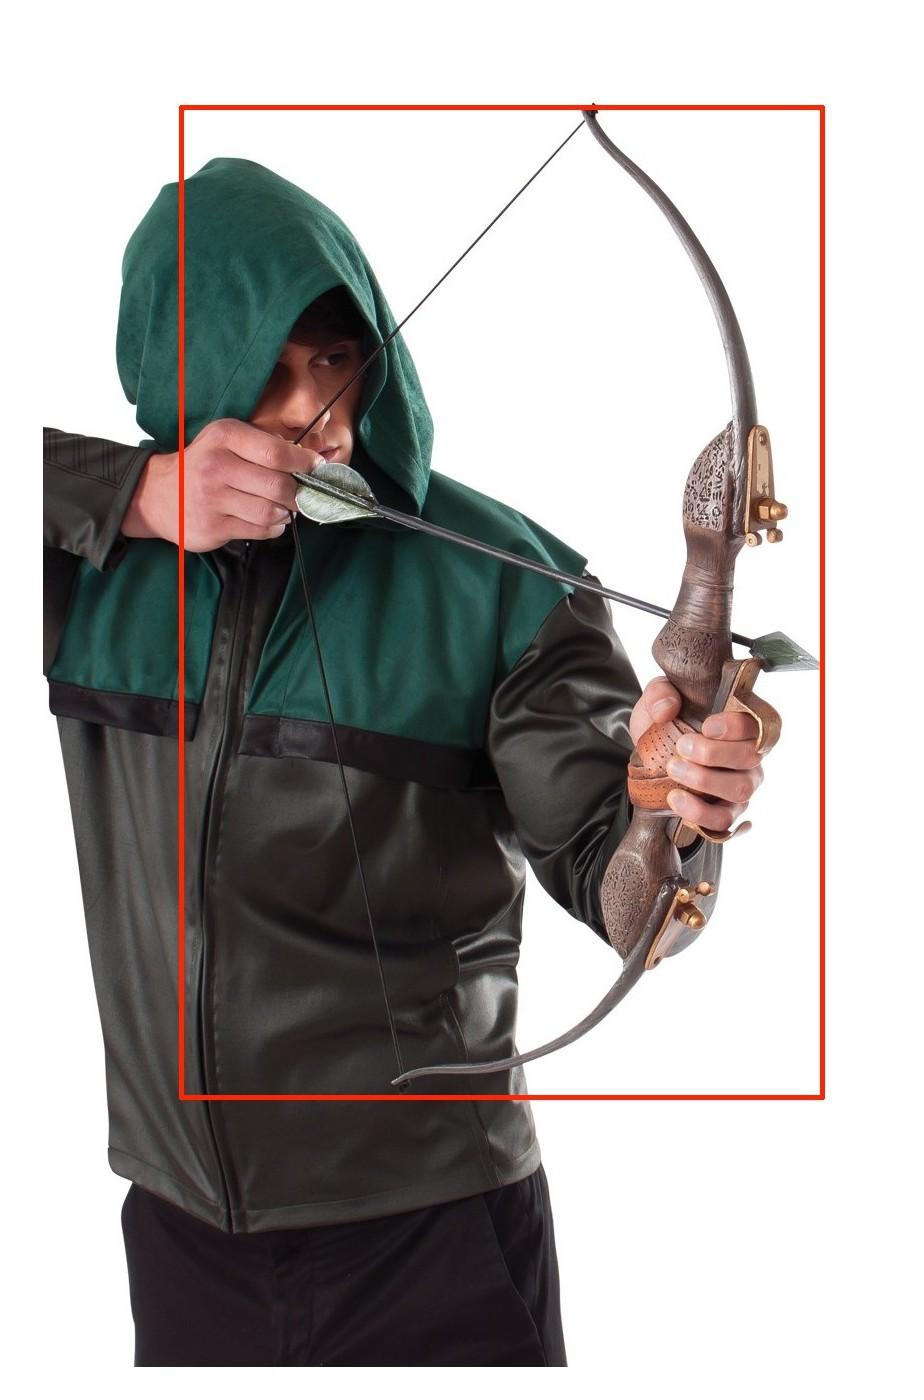 Arco giocattolo Arrow originale con freccia